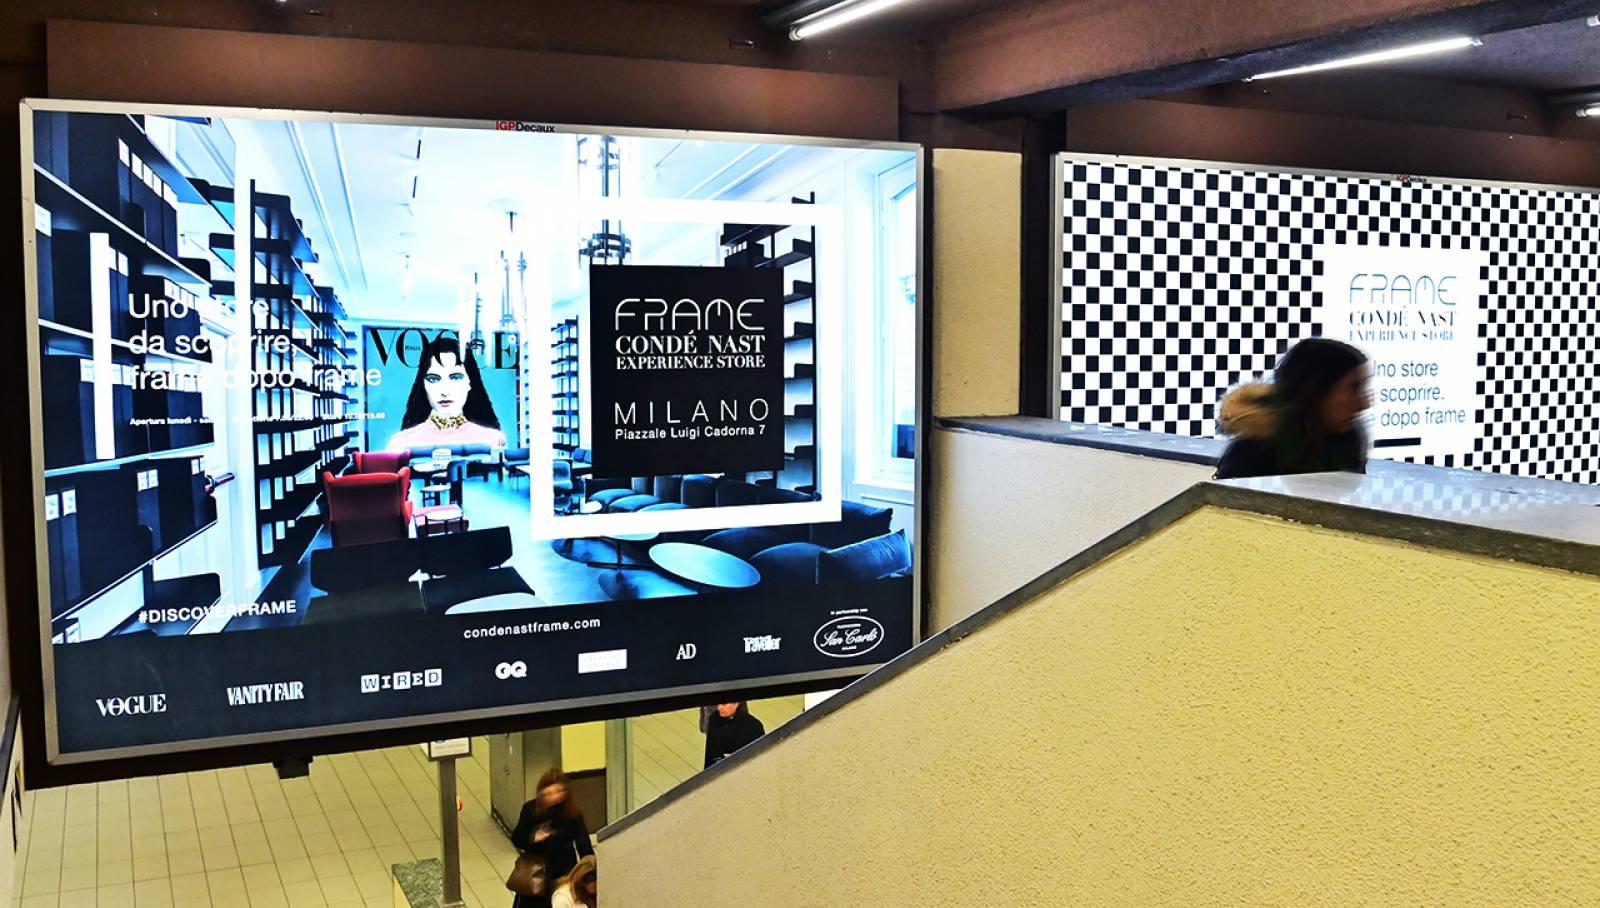 Pubblicità outdoor a Milano Station Domination per Condé Nast